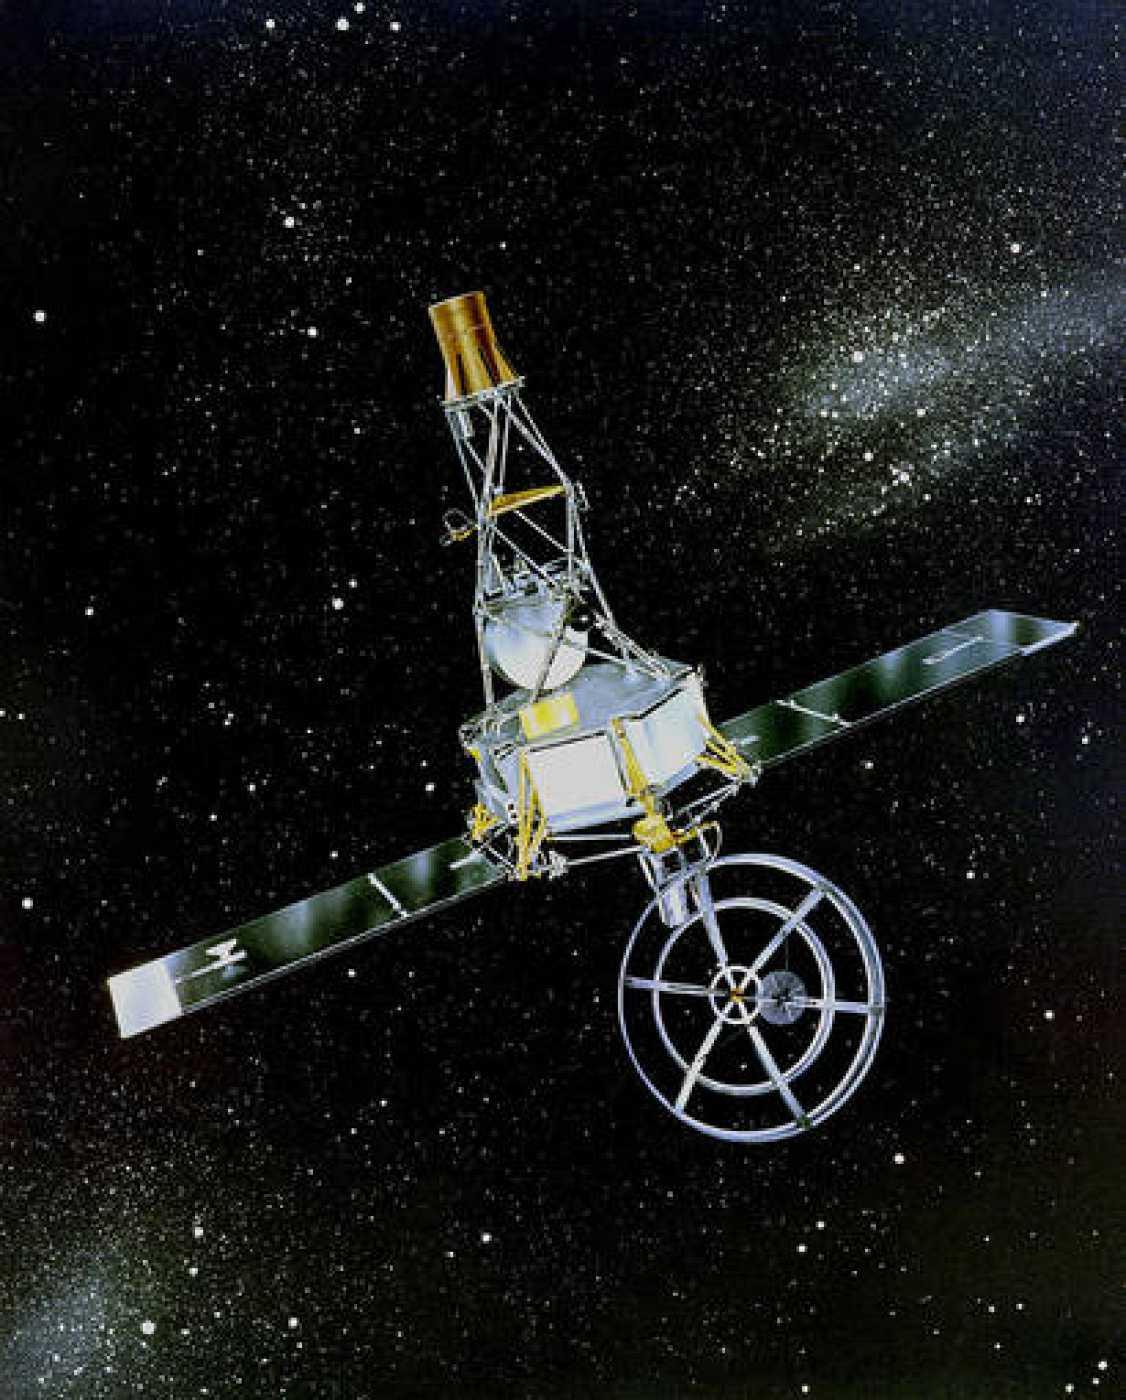 Impresión artística de la Mariner 2 en el espacio